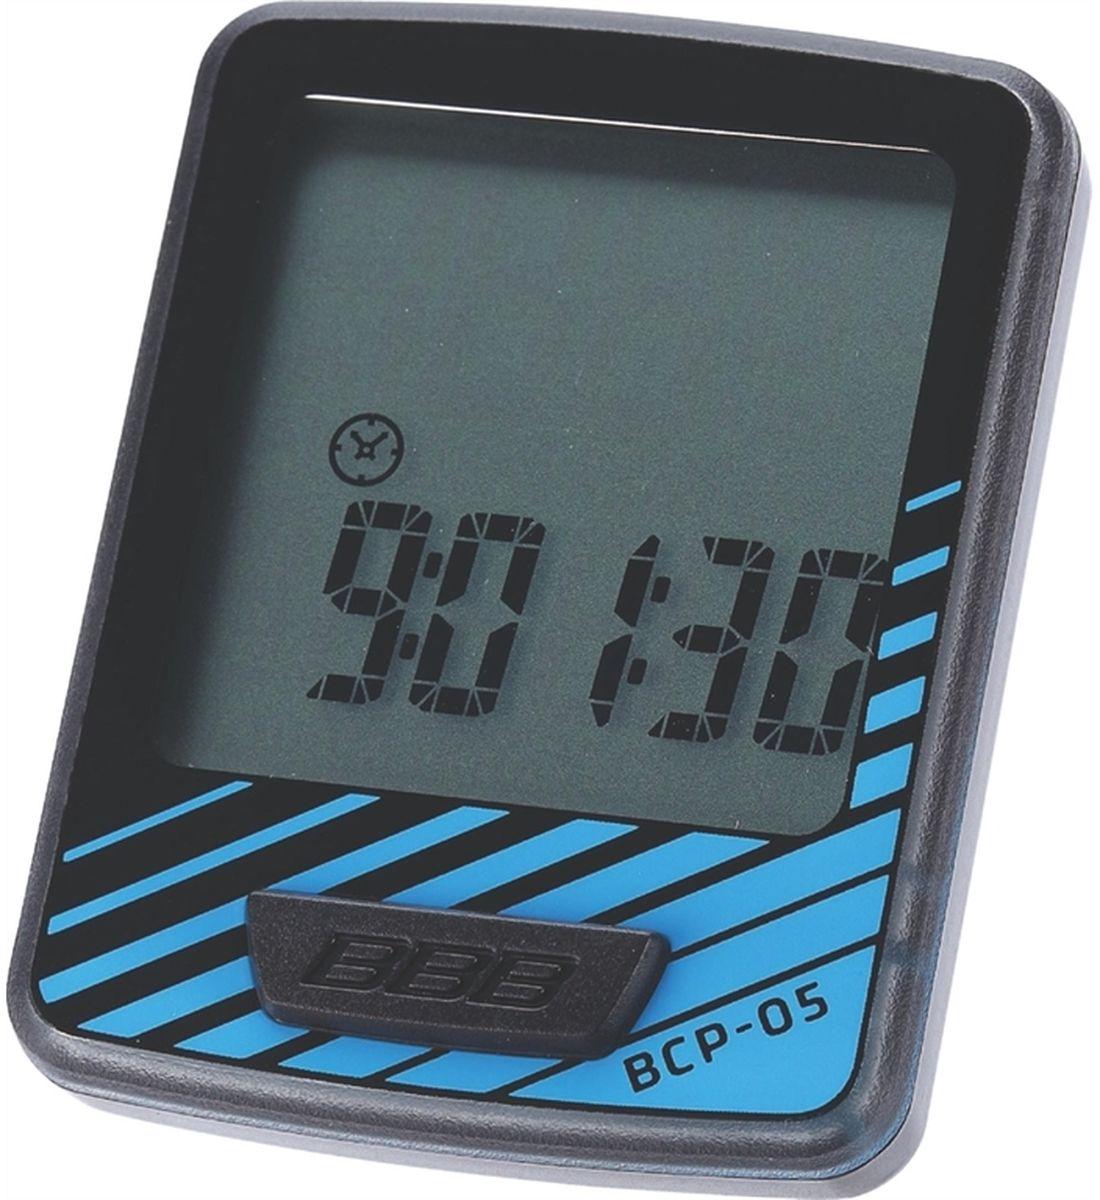 Велокомпьютер BBB DashBoard, цвет: черный, синий, 7 функций компьютер bbb dashboard 7 functions black